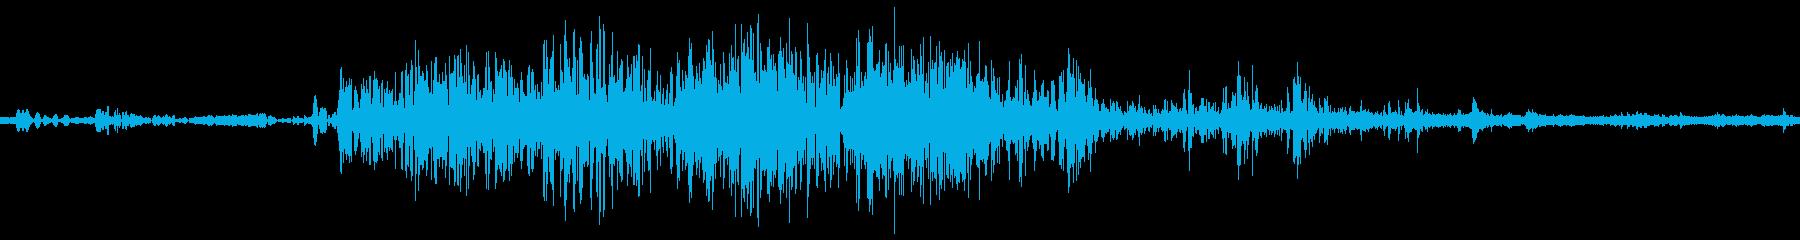 血gooshスプラットジューシーな変化の再生済みの波形